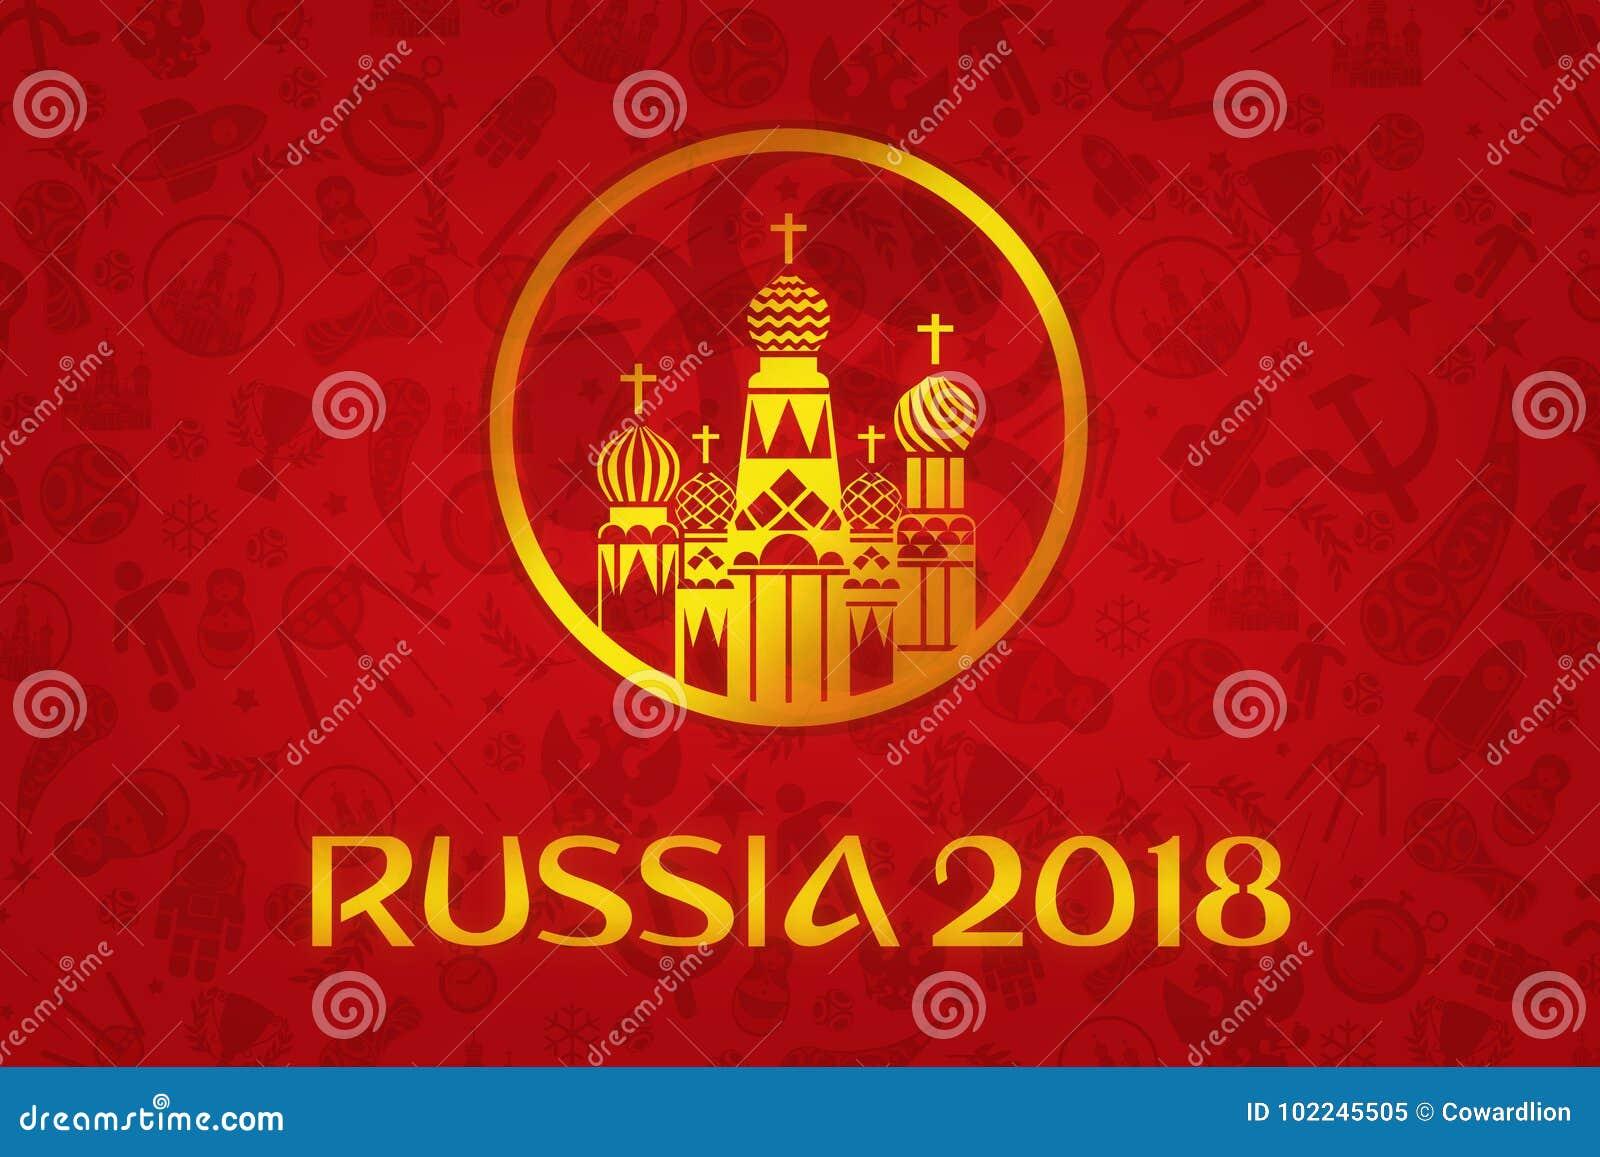 World Cup Football 2018 Wallpaper Stock Illustration Illustration